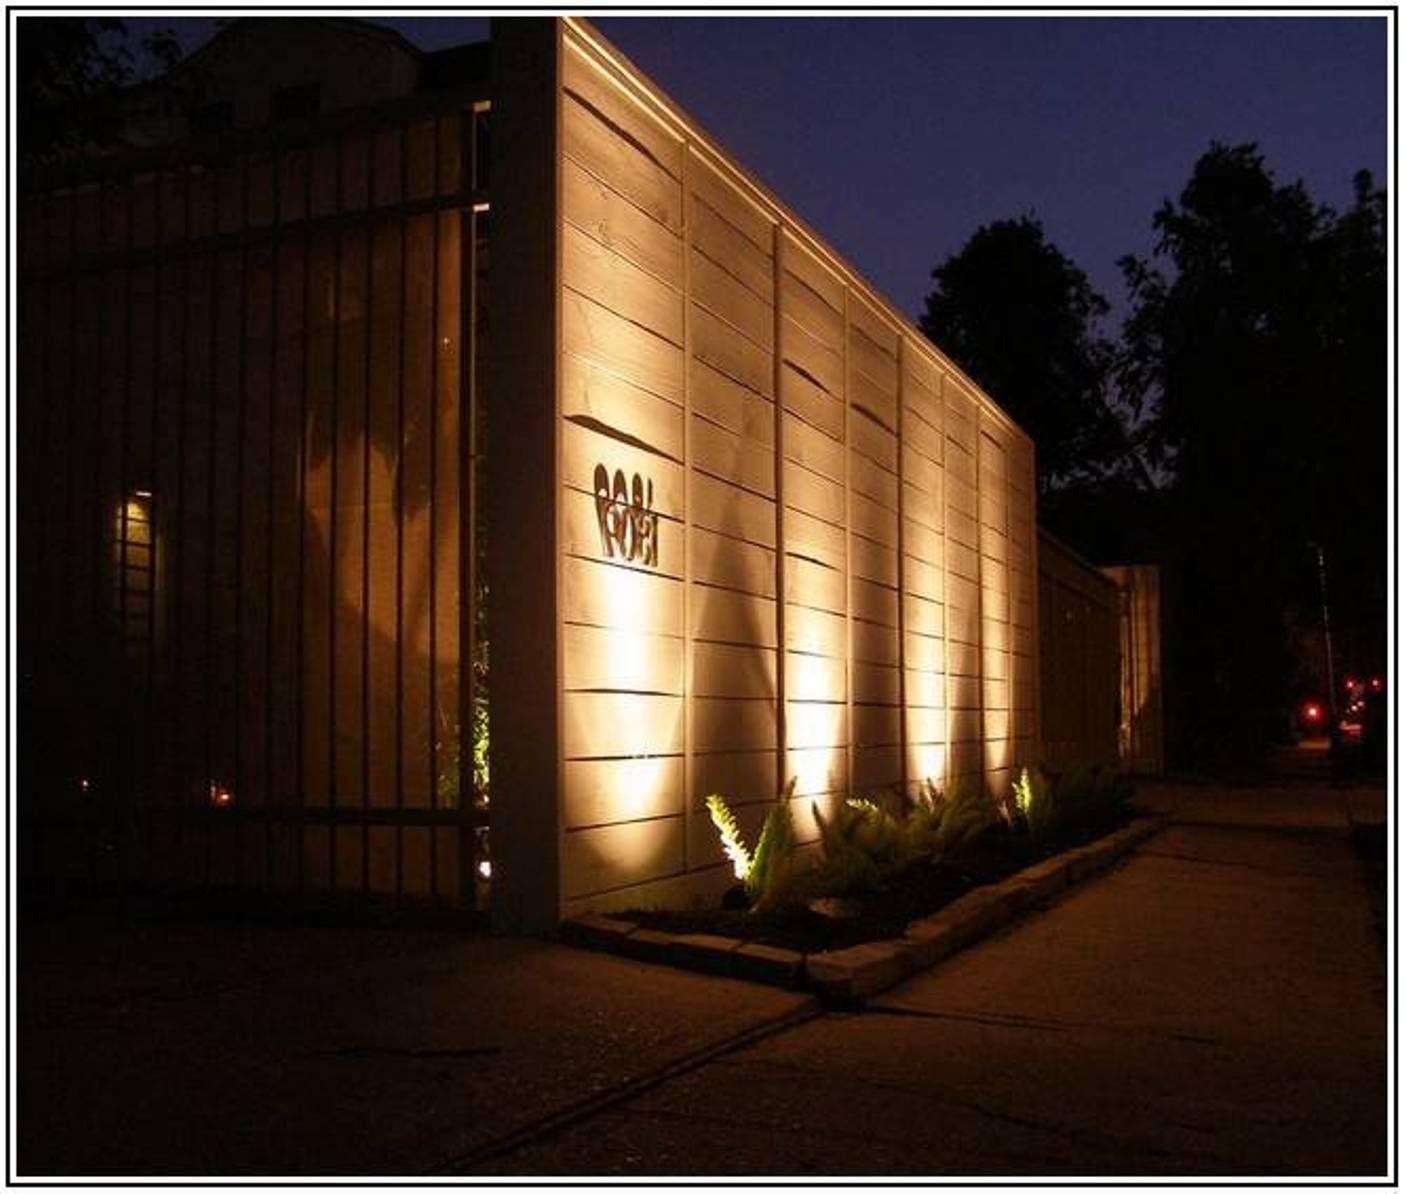 Modern Outdoor Lighting Design: Image Result For Modern Screened Fence Design